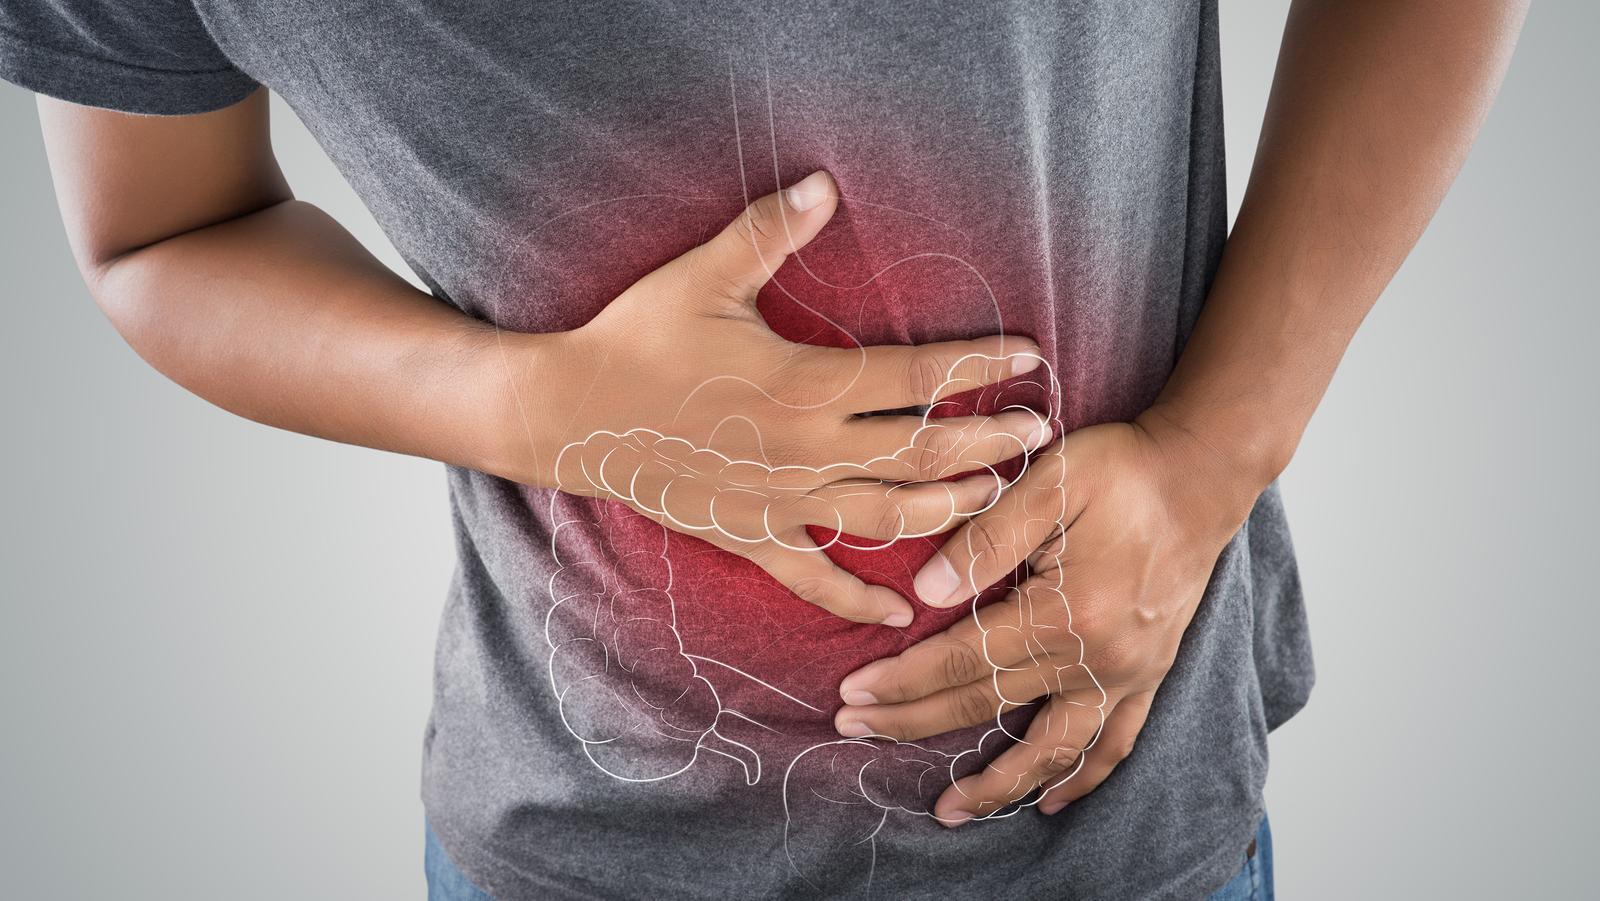 Tudnivalók az emésztési zavarokról | A rossz emésztés okai és kezelése